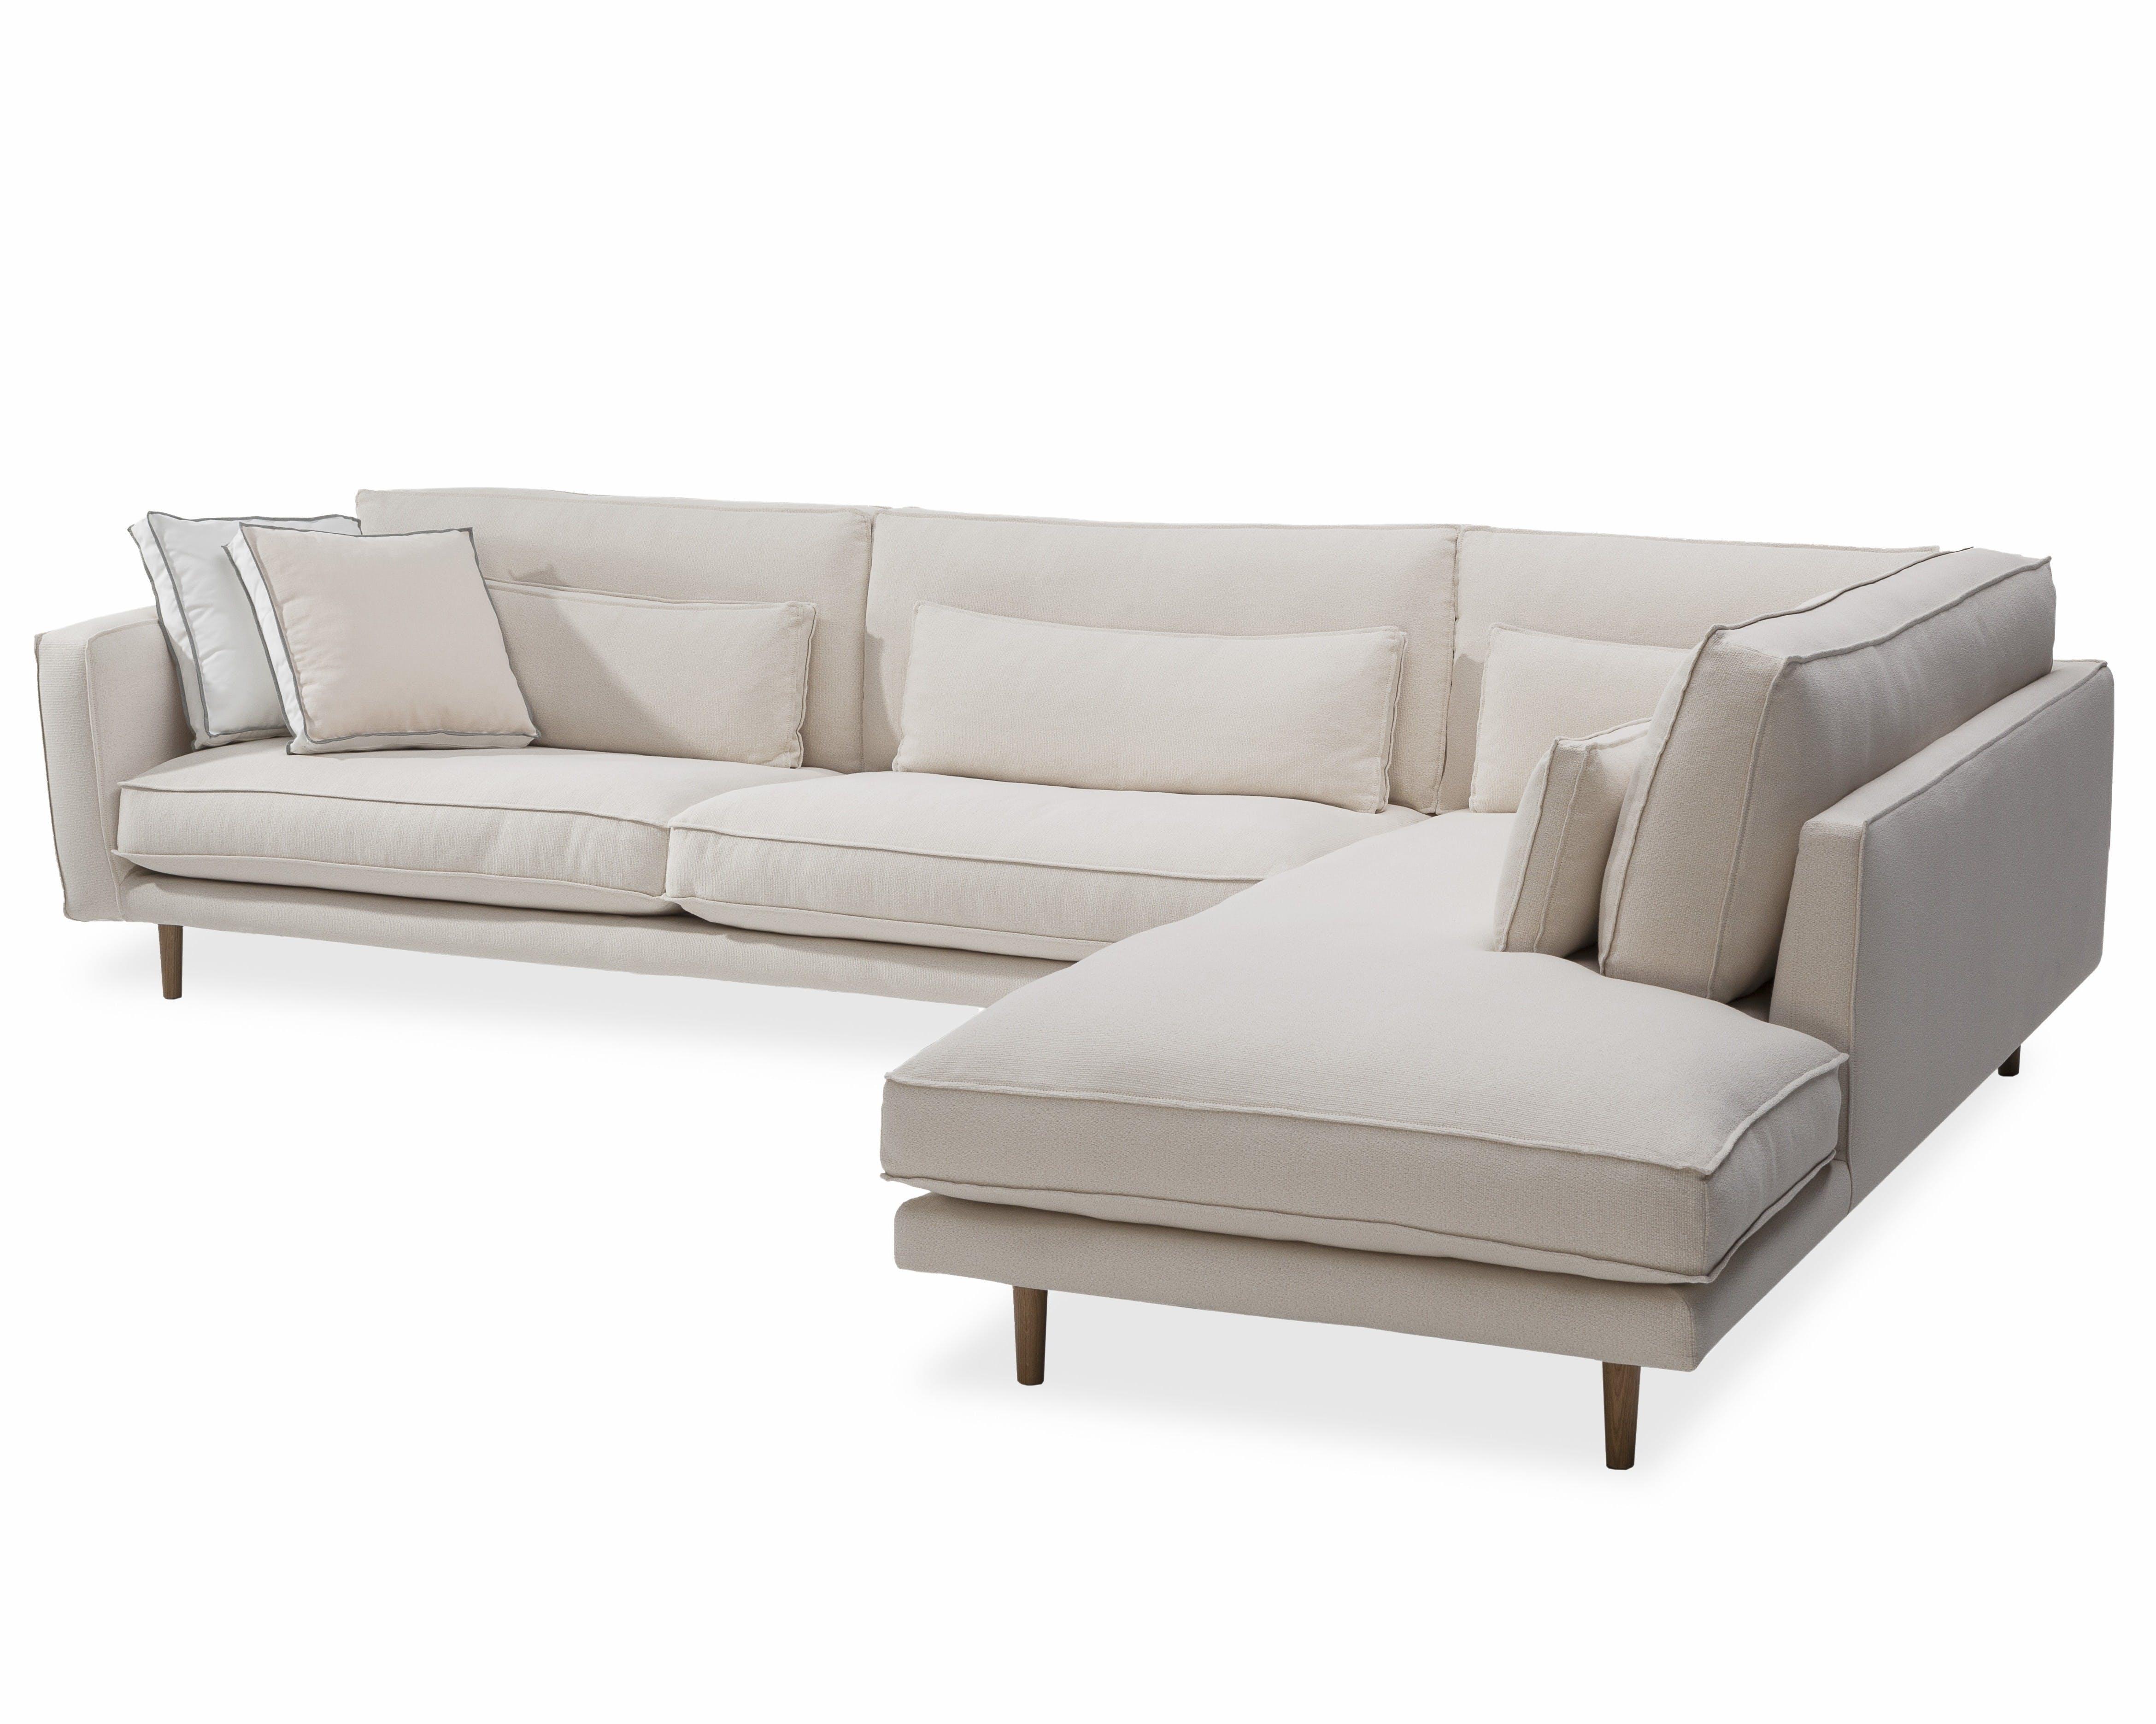 Linteloo-pleasure-sofa-haute-living